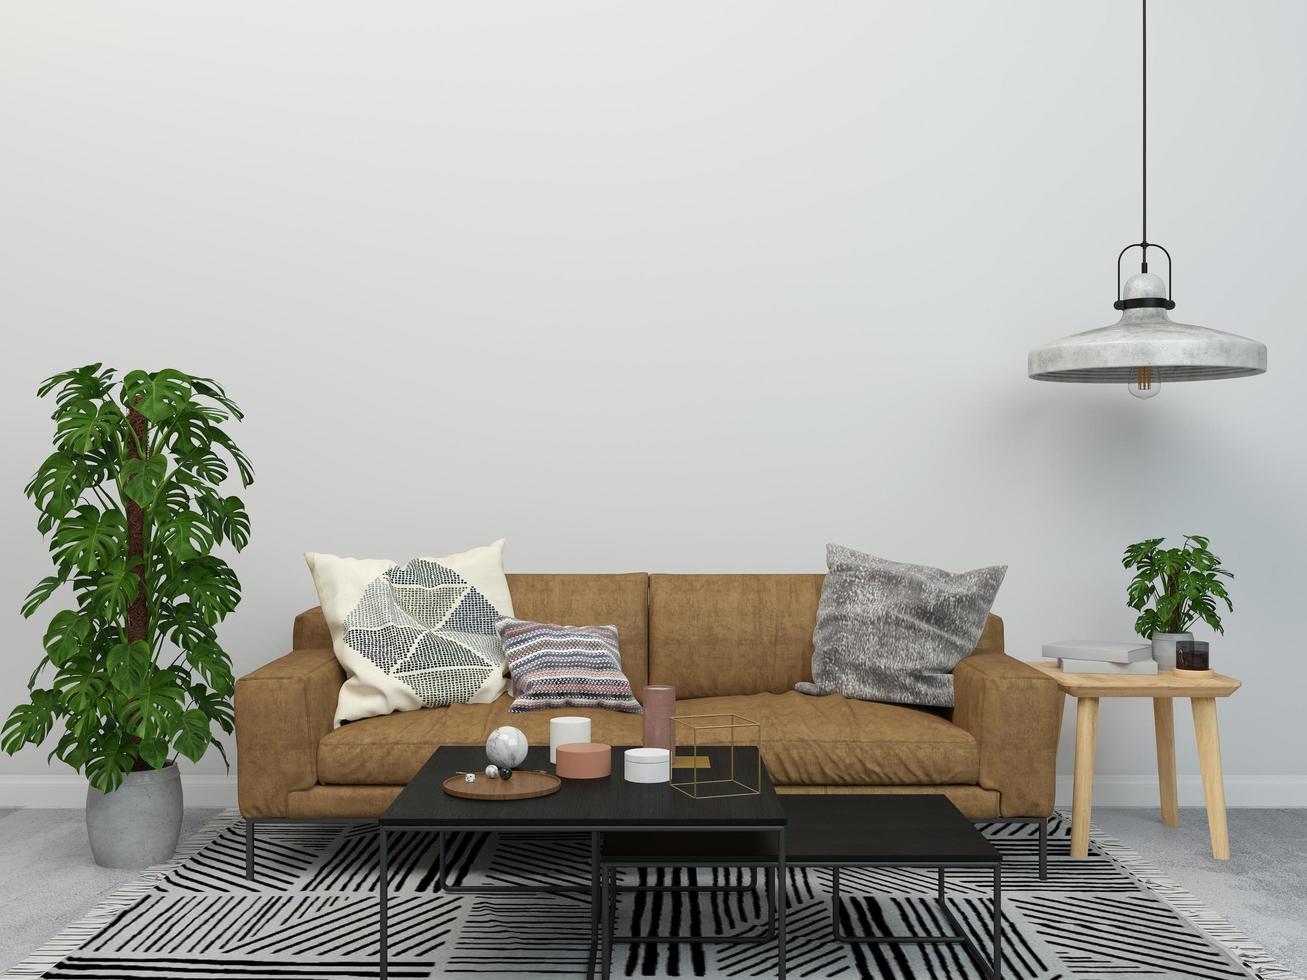 diseño de concepto de sala de estar de estilo minimalista y planta foto